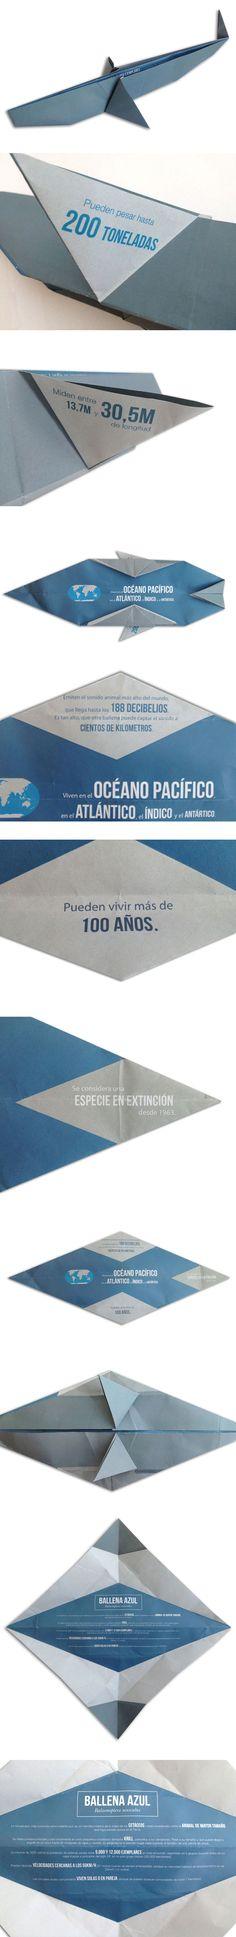 Proyecto Explica 2013. Ballena, Antia Casanovas y Leyre Gómez